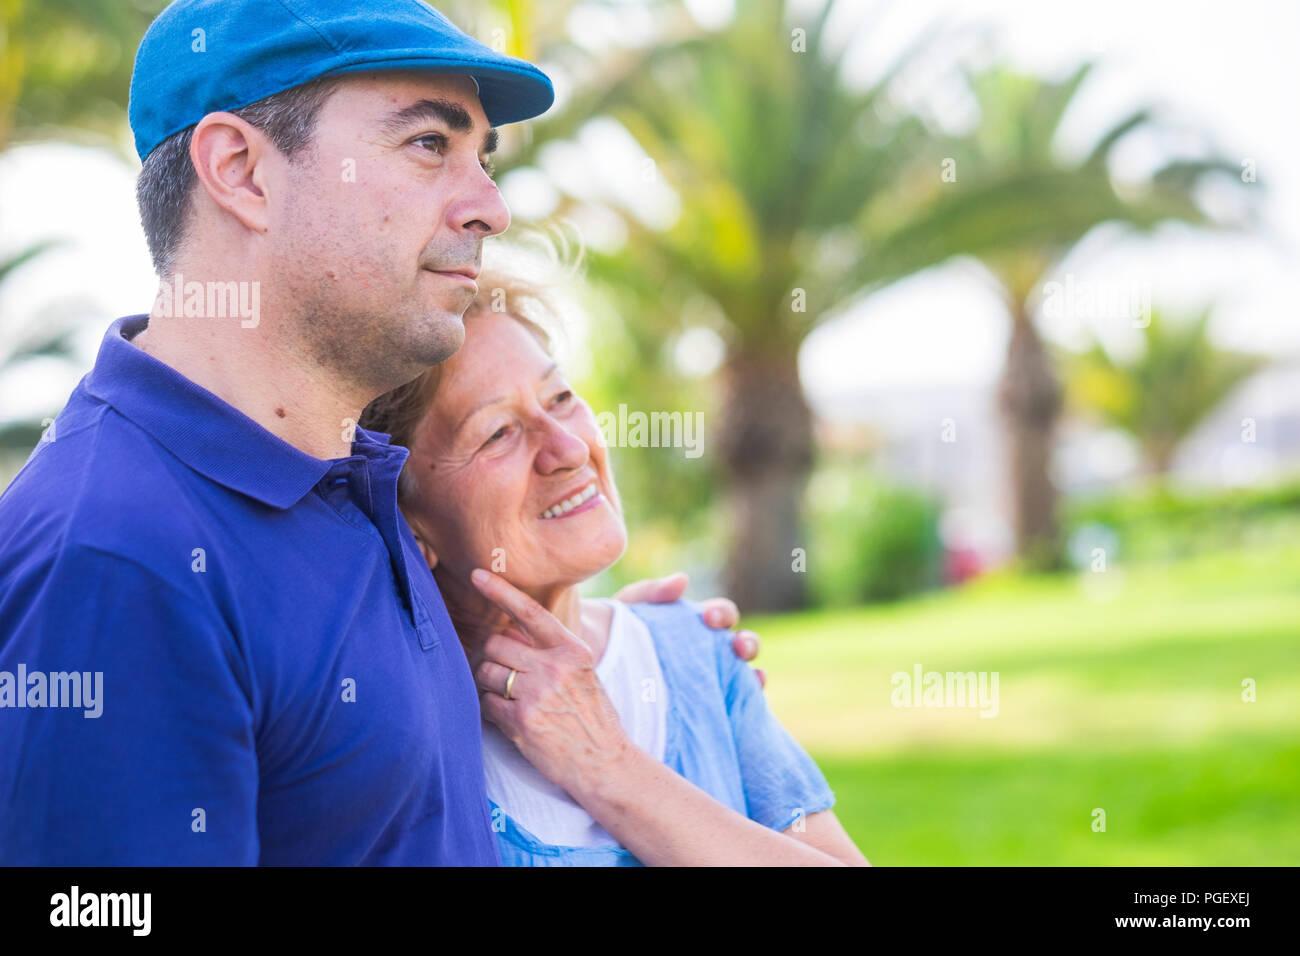 Deux âges différents comme mère et fils - rester ensemble dans l'activité de loisirs de plein air avec amour et d'émotions. profiter de la journée dans le parc avec gree Photo Stock